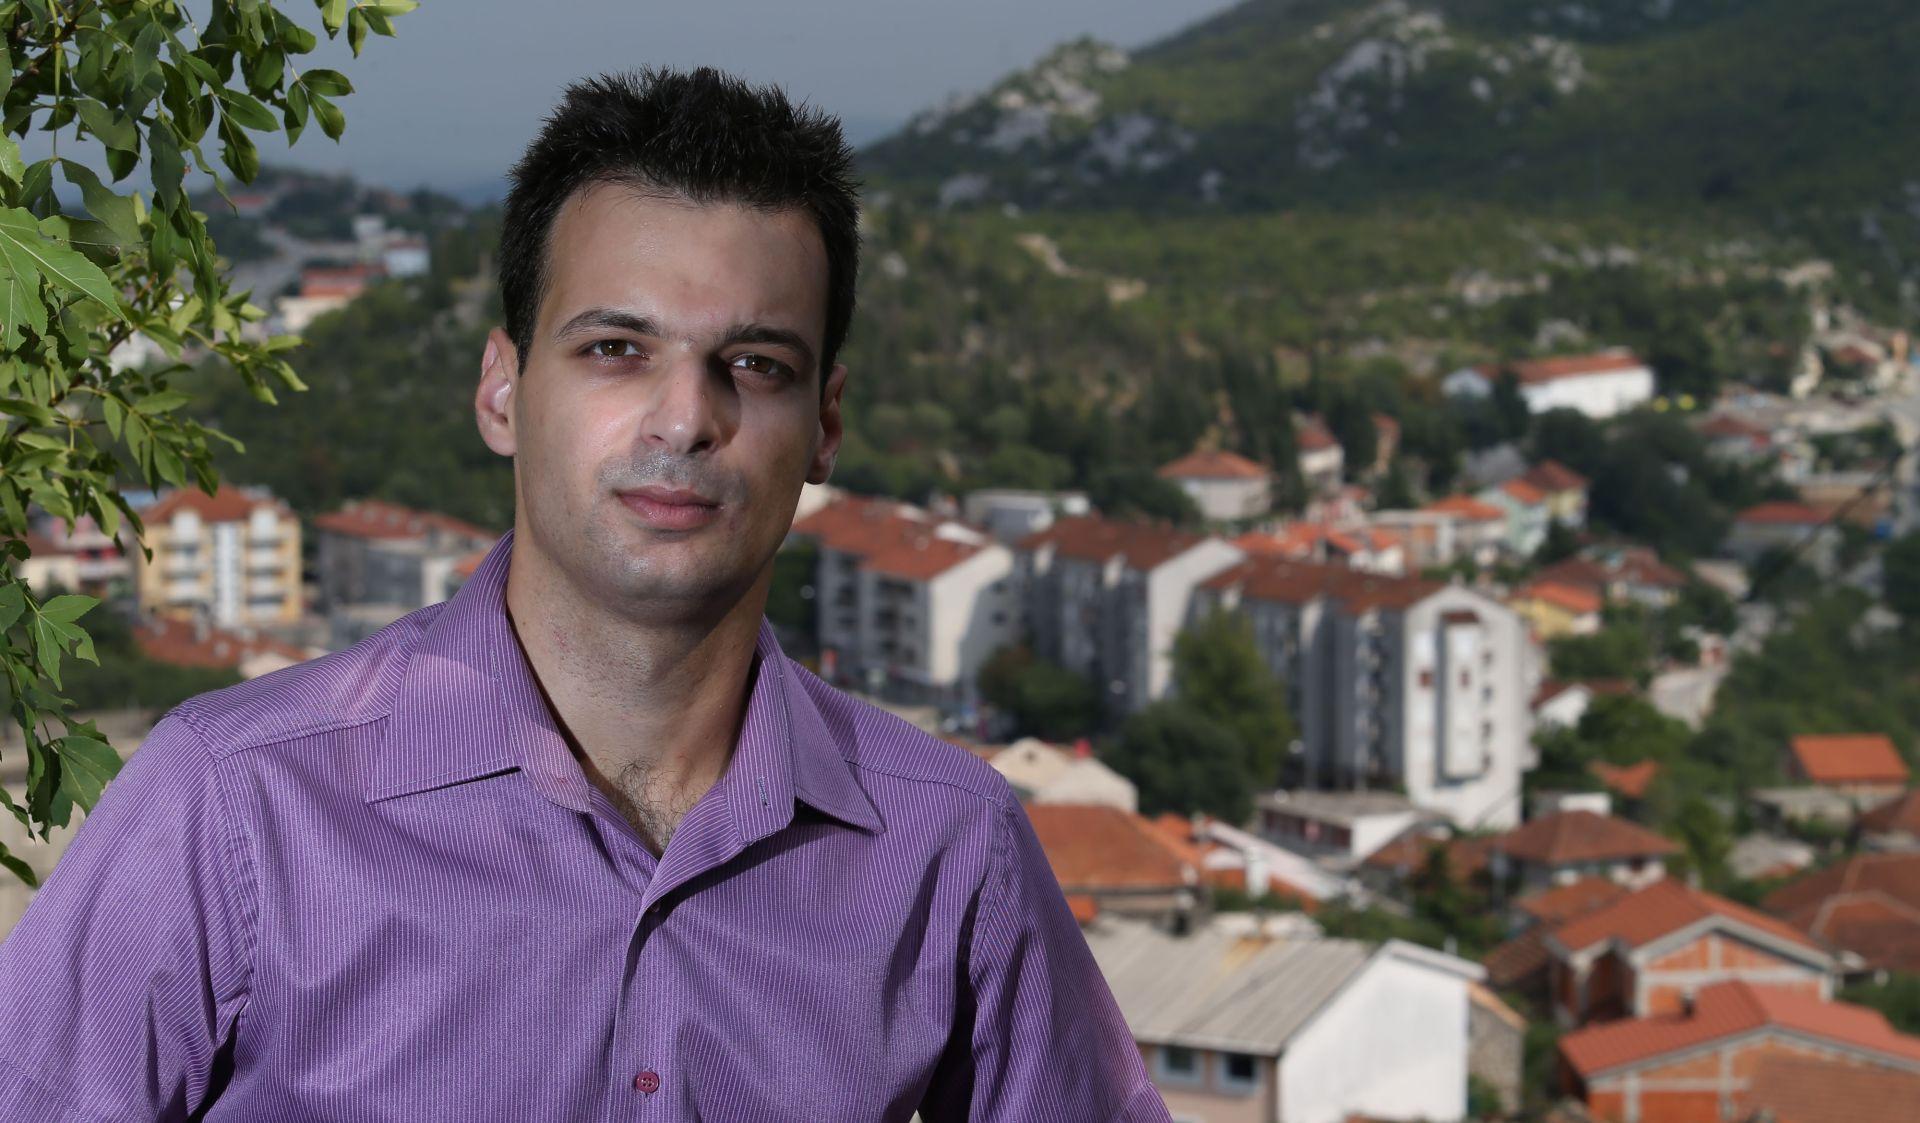 HDZ-ov kandidat za gradonačelnika Vrgorca Grljušić odustao od kandidature